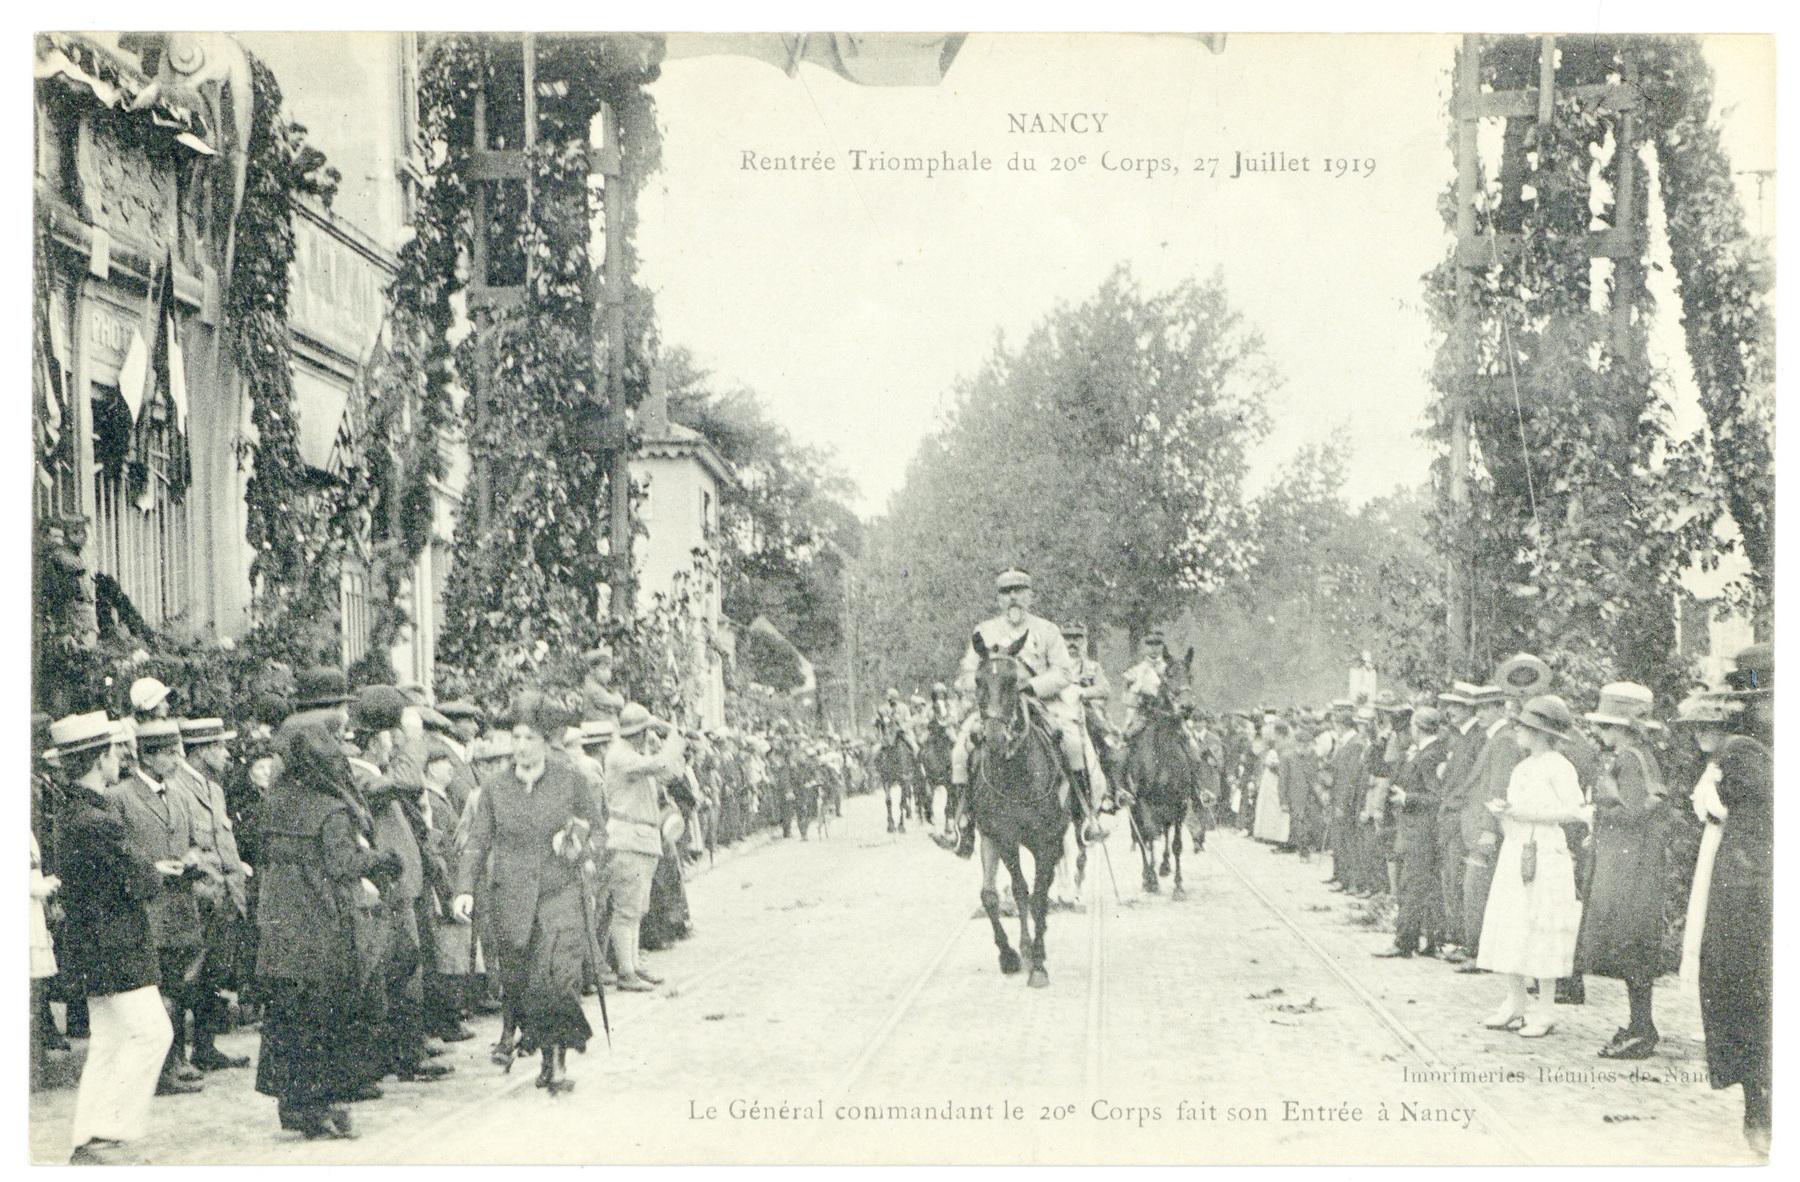 Contenu du Les généraux